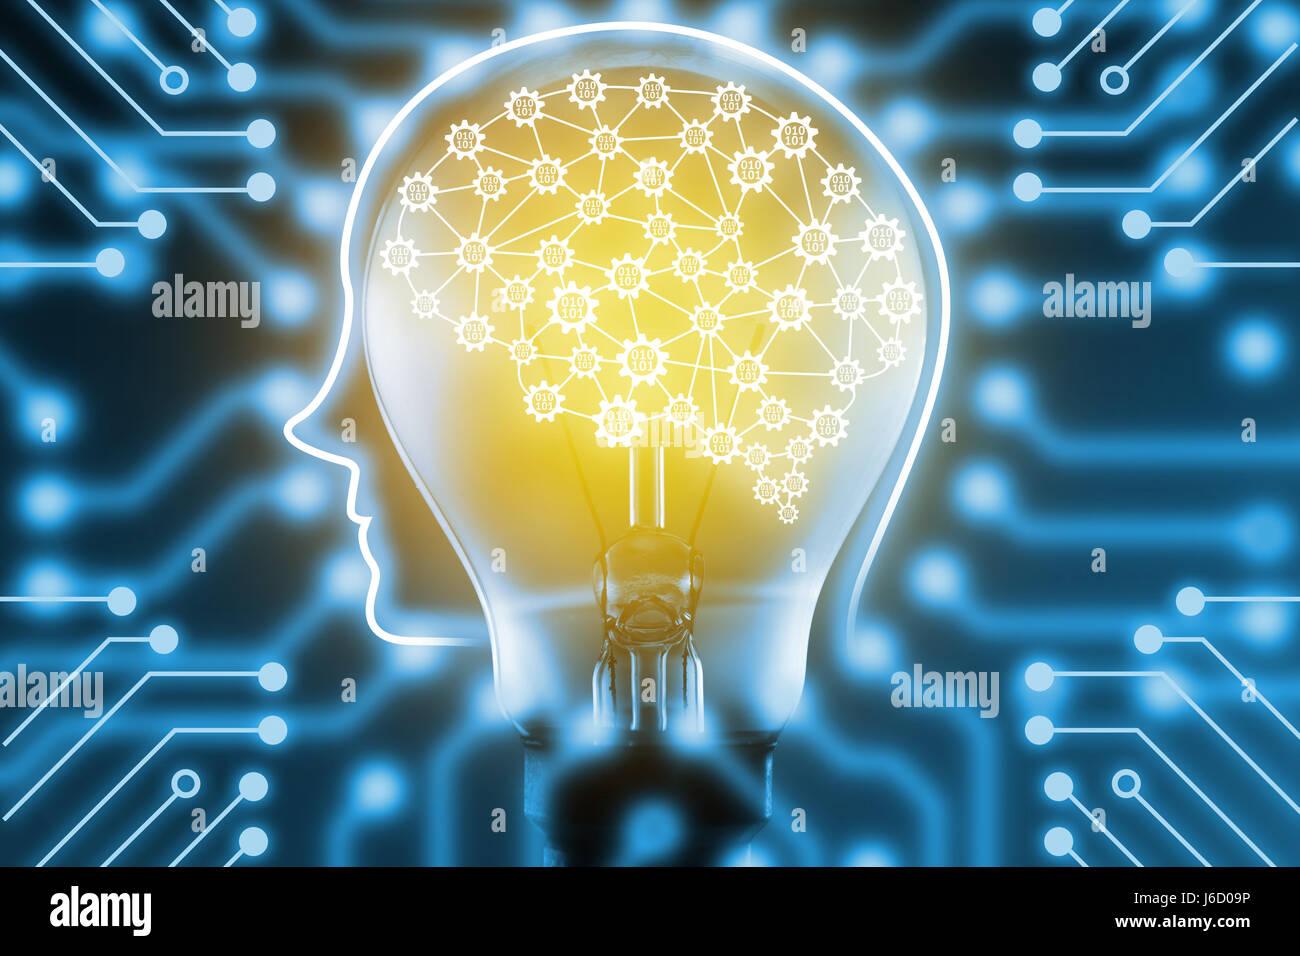 Apprendimento della macchina e intelligenza artificiale concetto. Fintech finanziaria il concetto di tecnologia. Immagini Stock